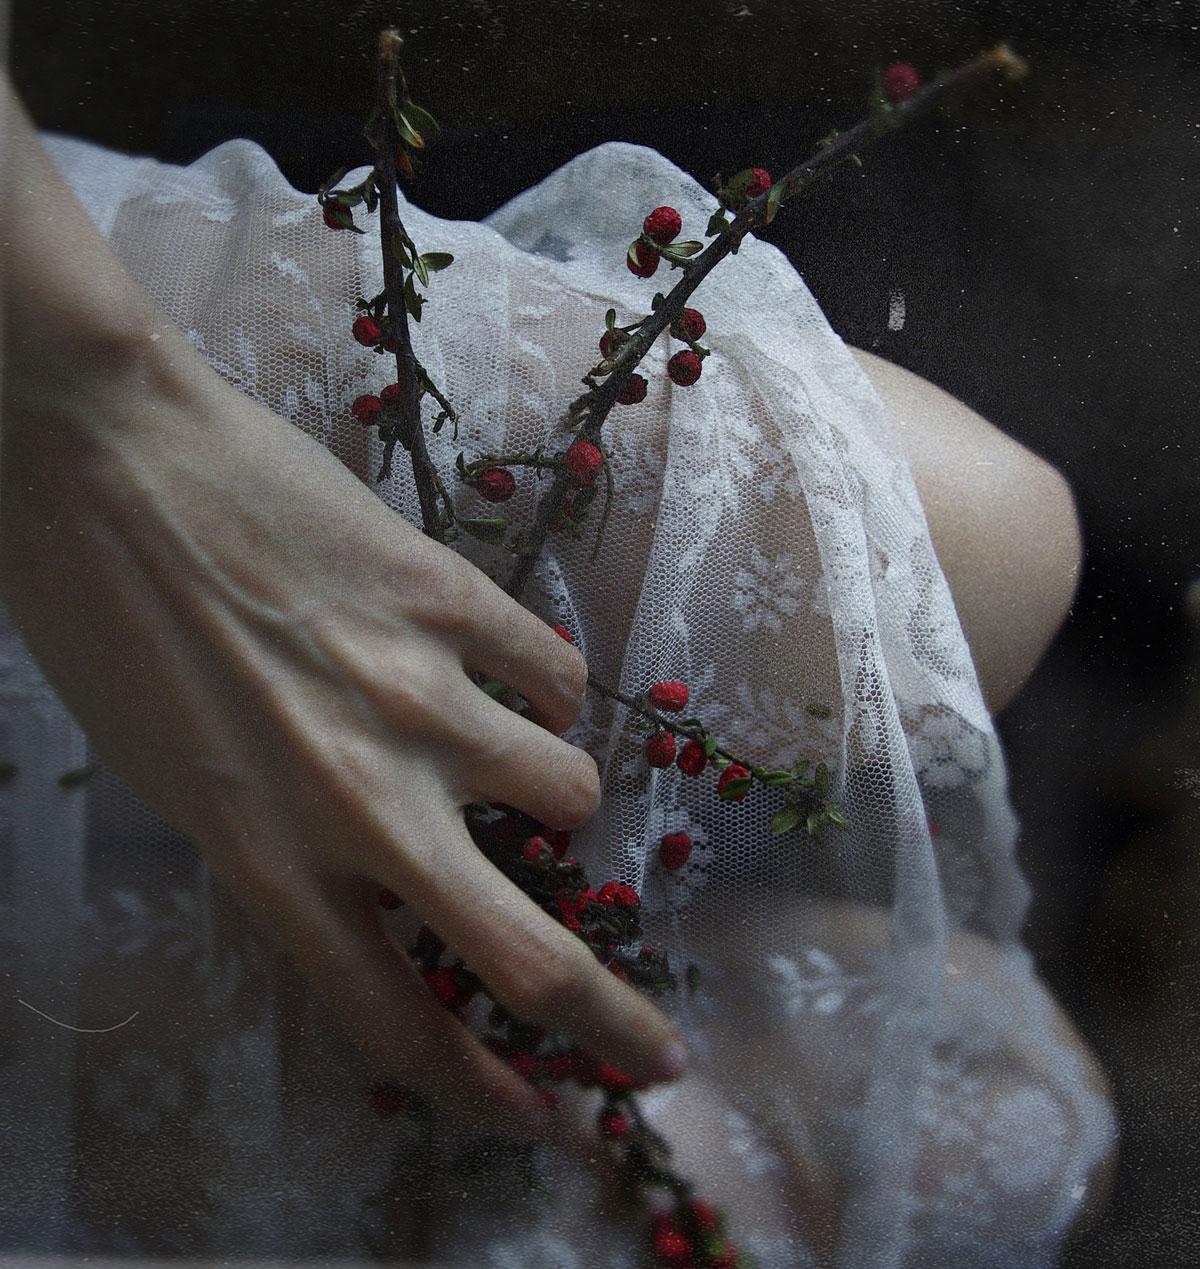 Laura Lech Photographer